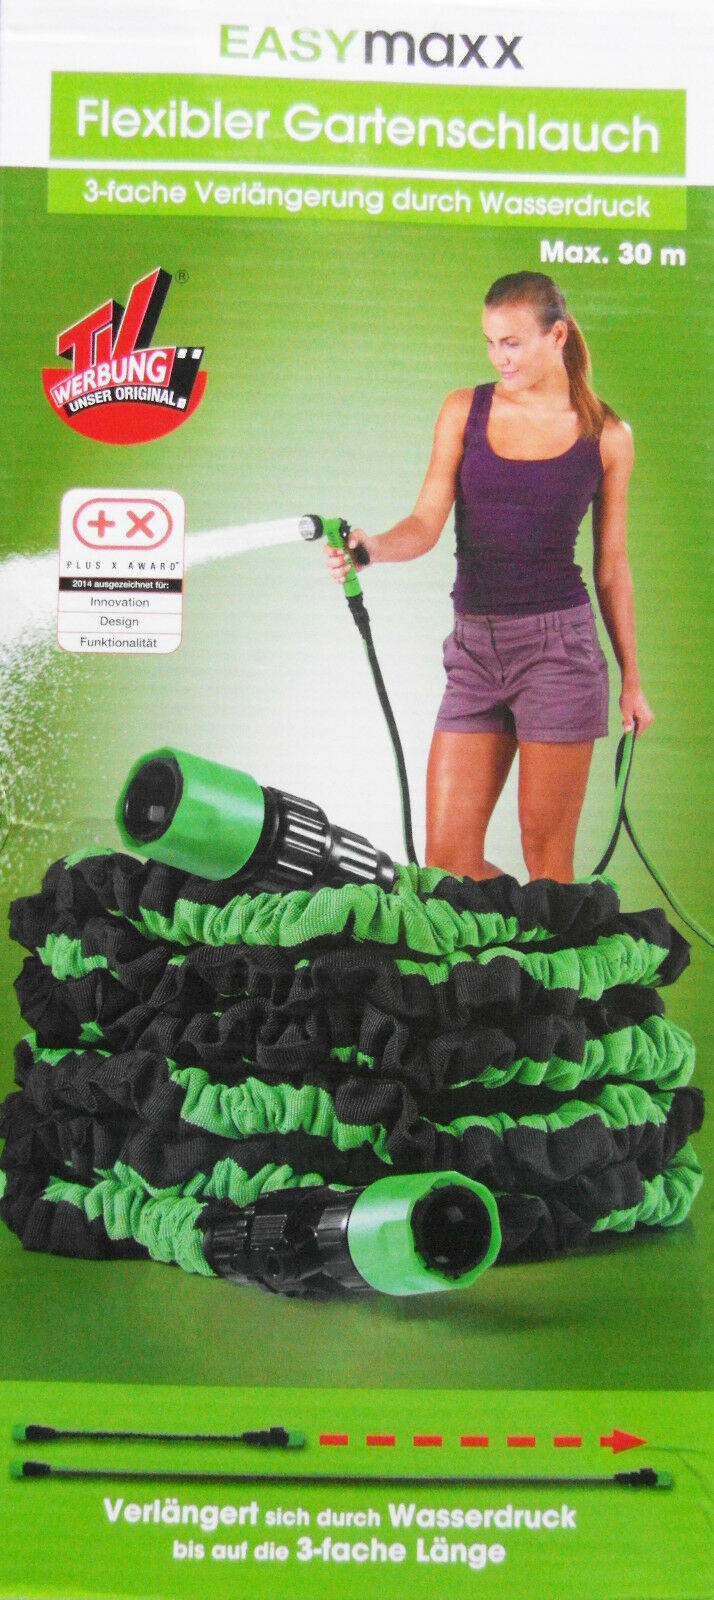 EASYmaxx flexibler Gartenschlauch (30 m) 25% günstiger (Netto)